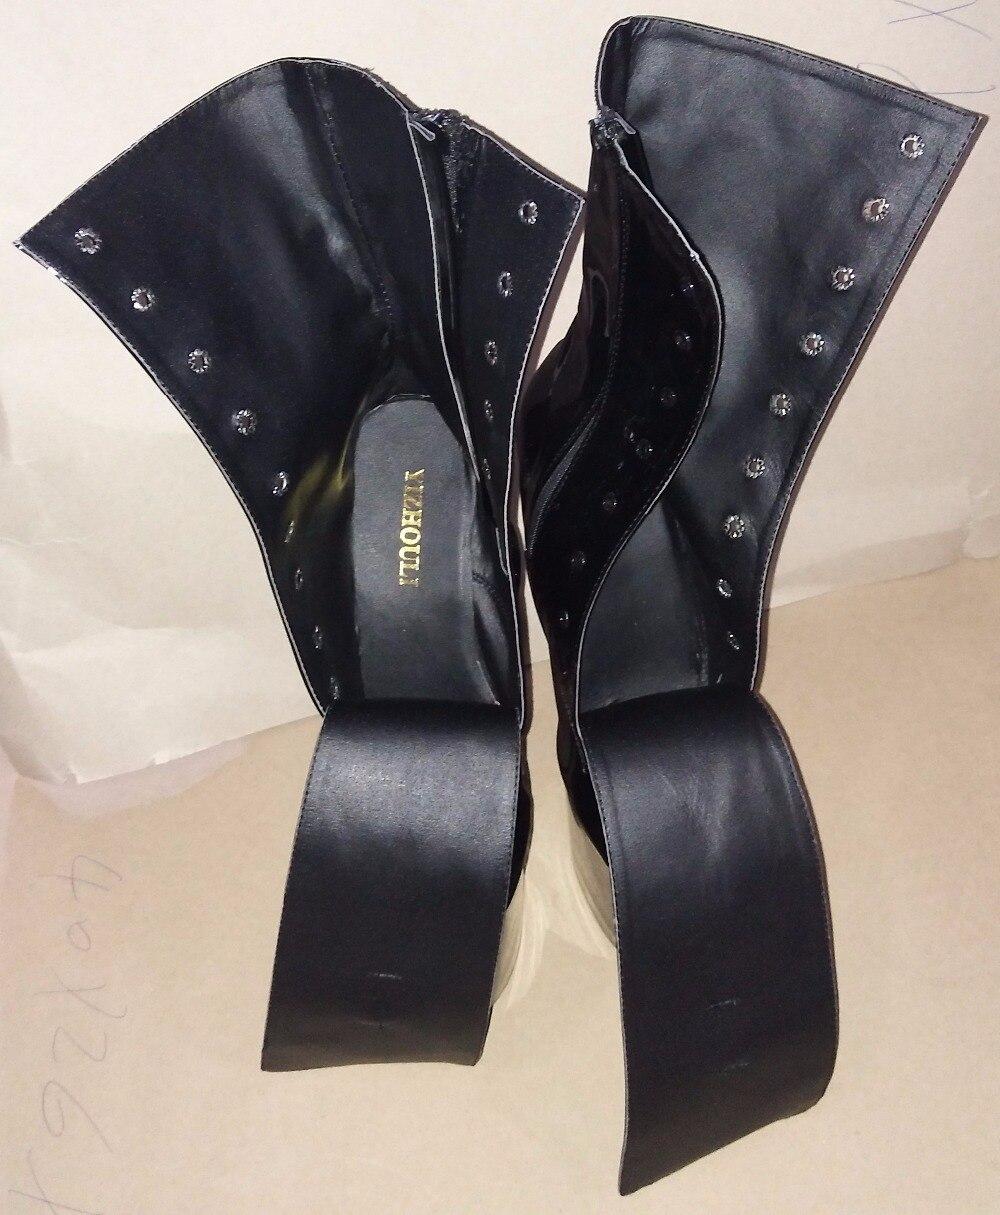 Mode sexy chevalier femme 8 pouces haut talon plate-forme bottines pour les femmes automne hiver chaussures 15-20cm noir pôle danse bottes - 5